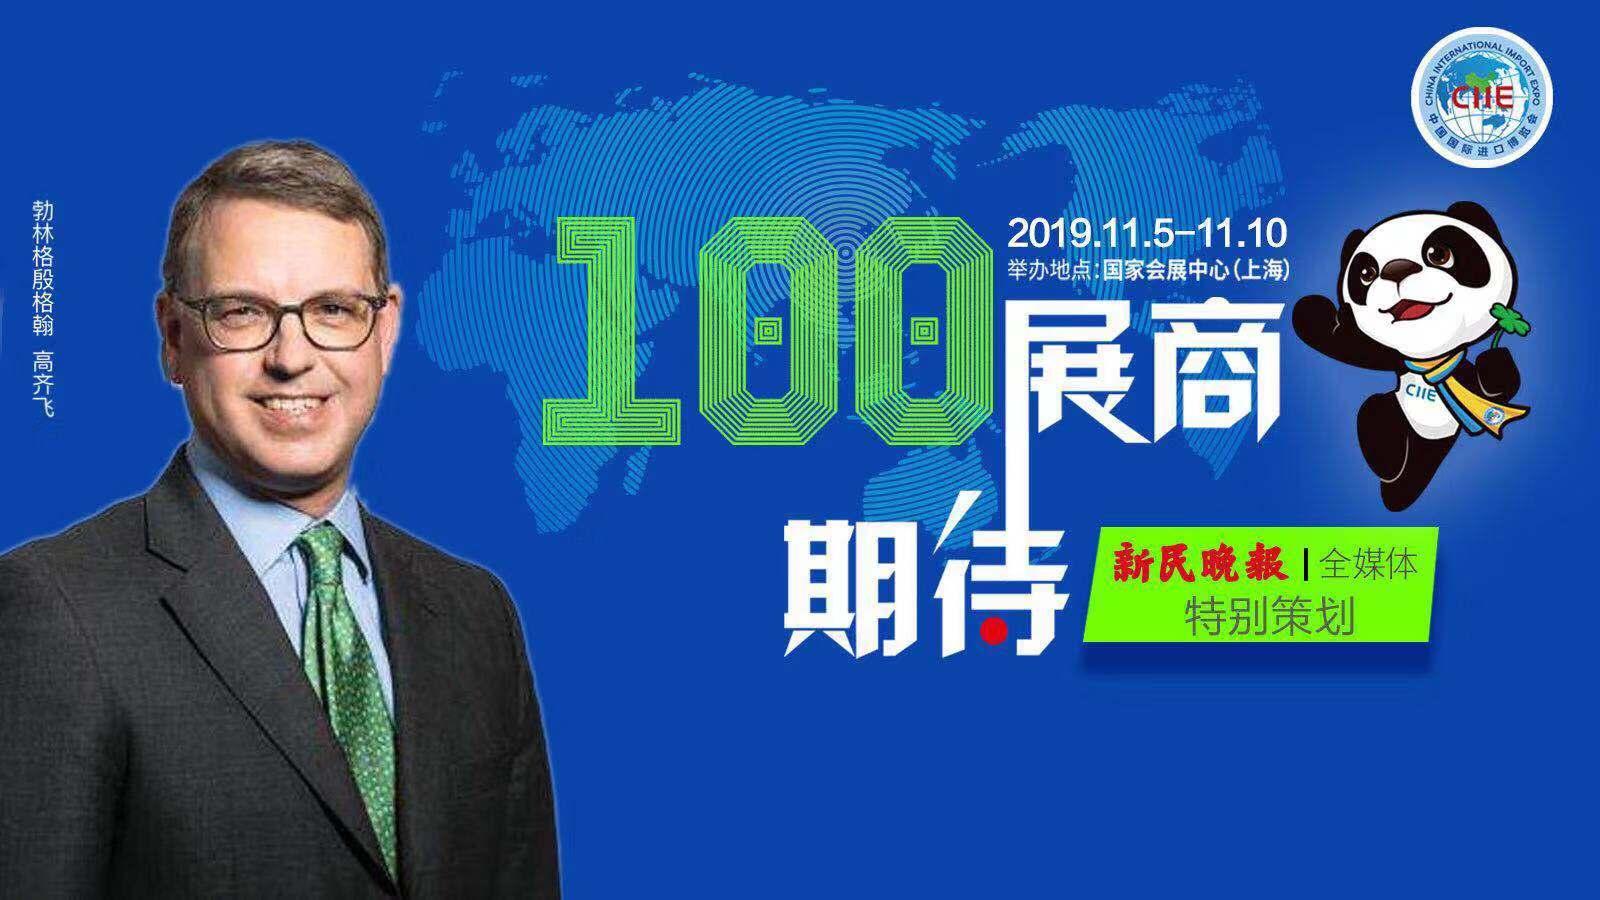 100展商100期待|勃林格殷格翰:在进博会上展示全业务板块 把更多临床研究项目扩大到中国